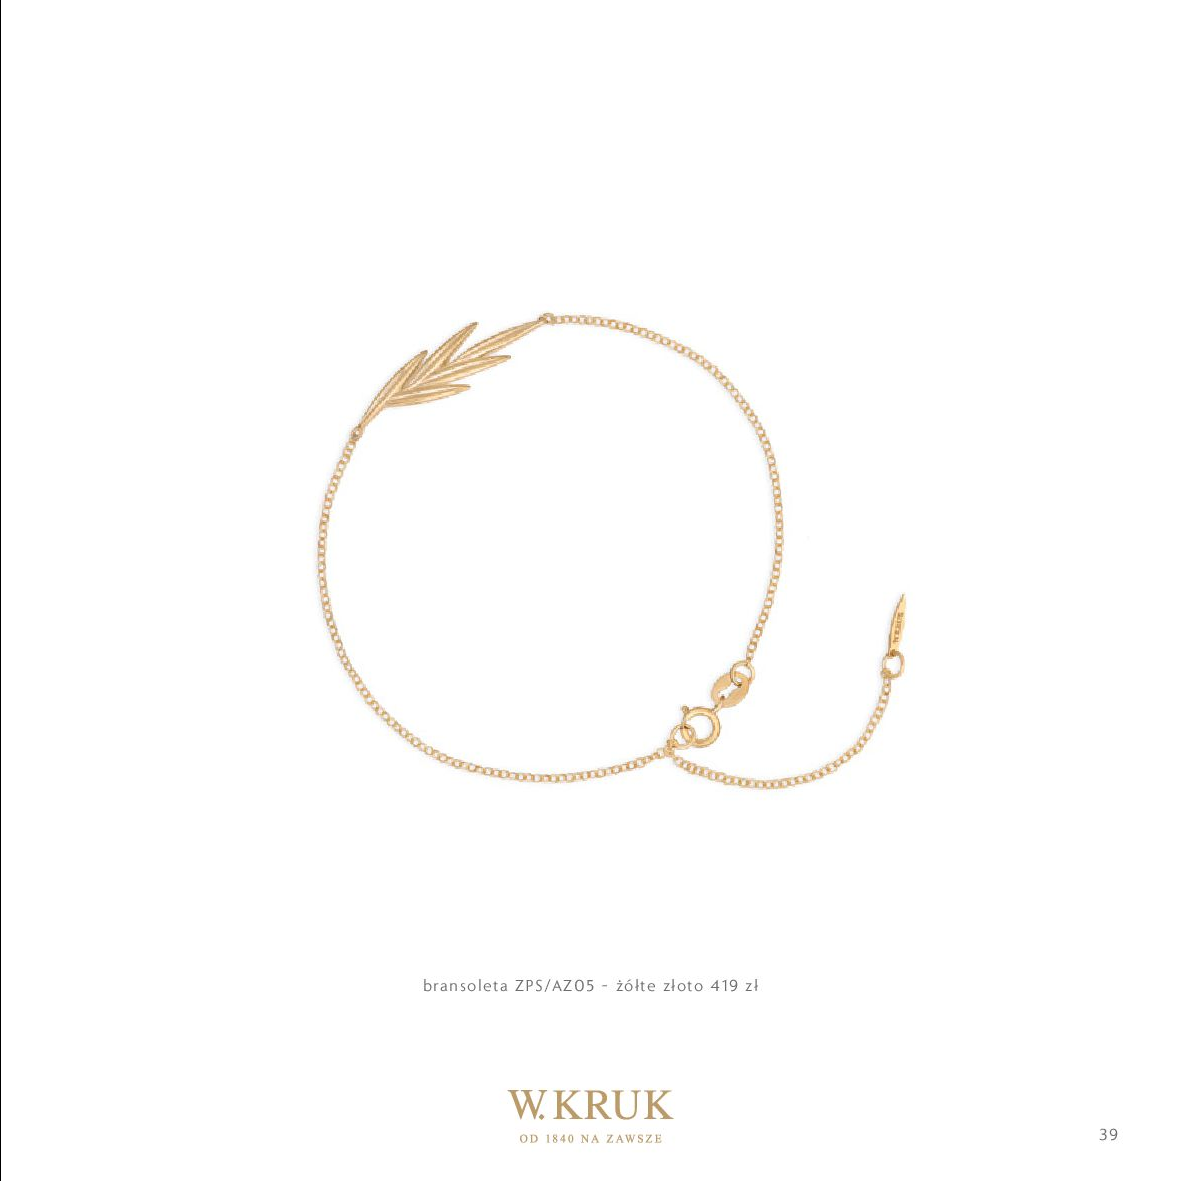 Gazetka W. KRUK: Katalog - Kolekcja Przyjaźń 2021-02-17 page-41